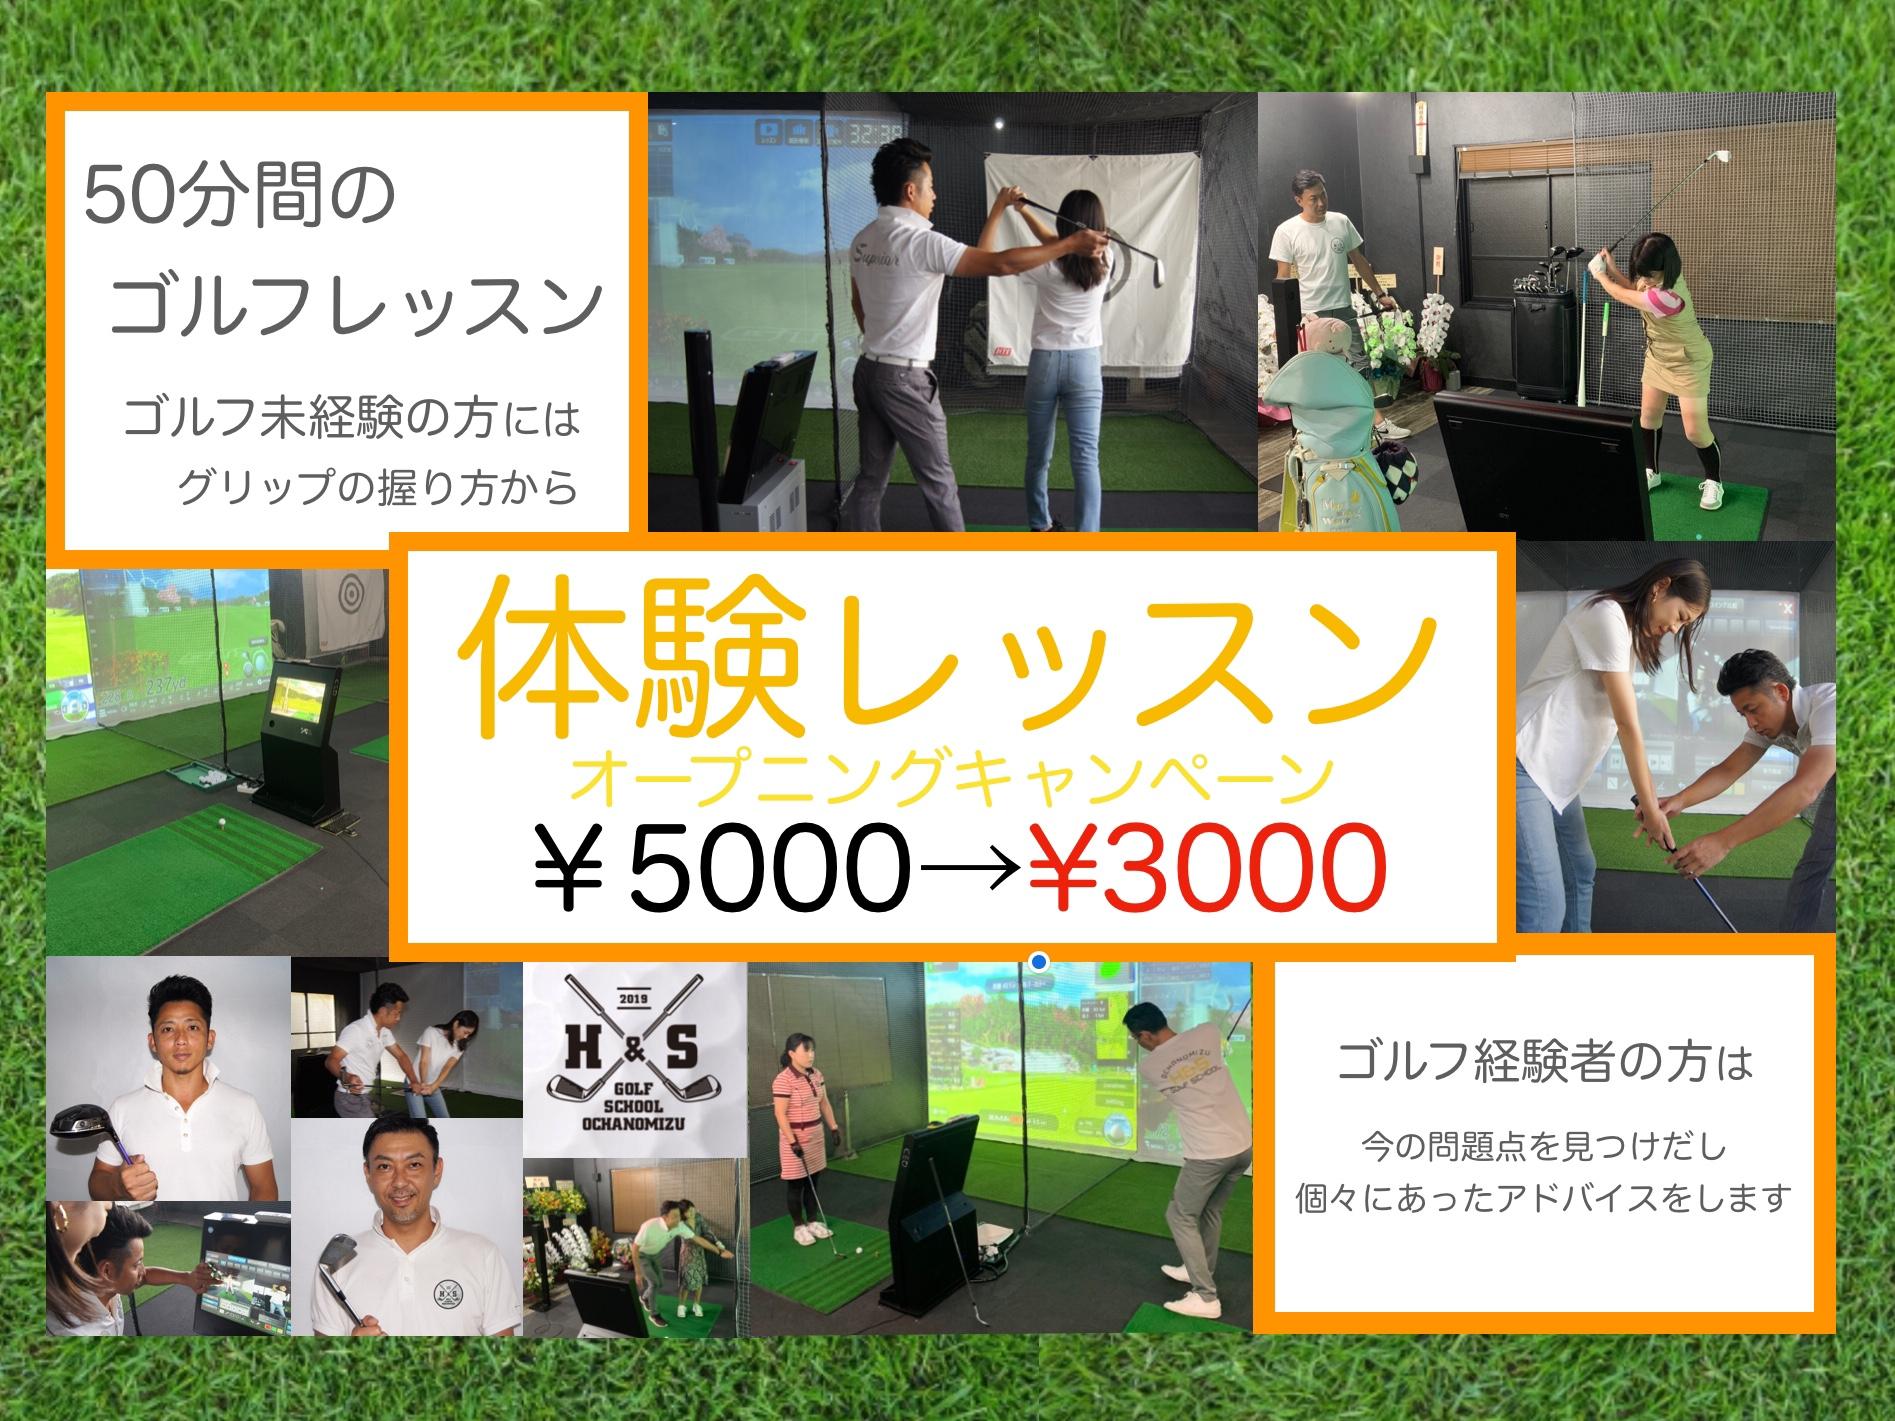 H&S ゴルフスクール 御茶ノ水